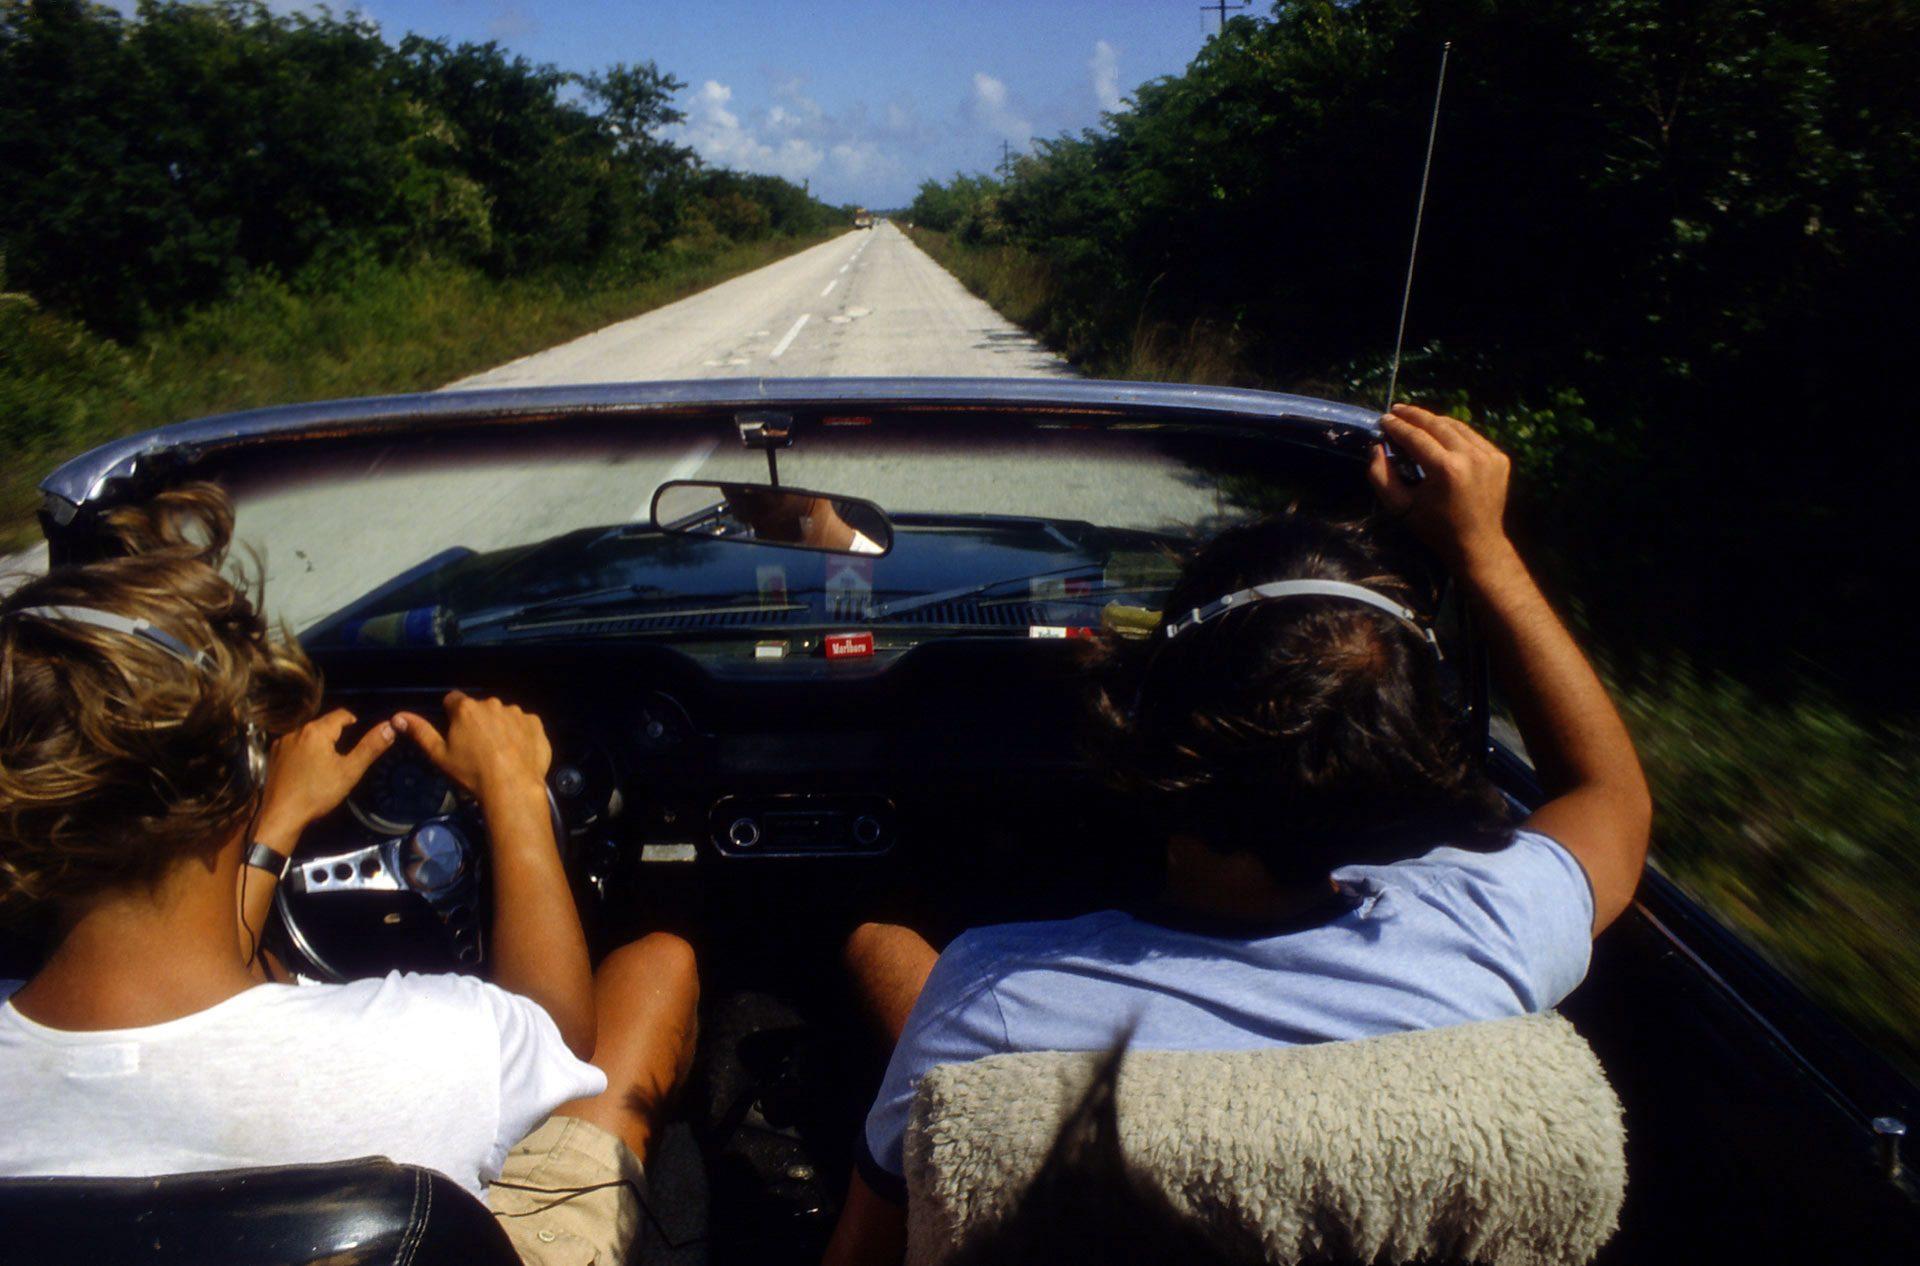 Hippe US-Boys im Ford Mustang Cabrio auf der Straße nach Tulum - Acapulco Gold und Cowboy Zigaretten intus, Musik vom Walkman hörend, der gerade auf den Markt gekommen war – Hip US Boys in Ford Mustang Convertible on the road to Tulum - Inhaling Acapulco Gold and Cowboy Cigarettes, with music from the Walkman who had just come onto the market